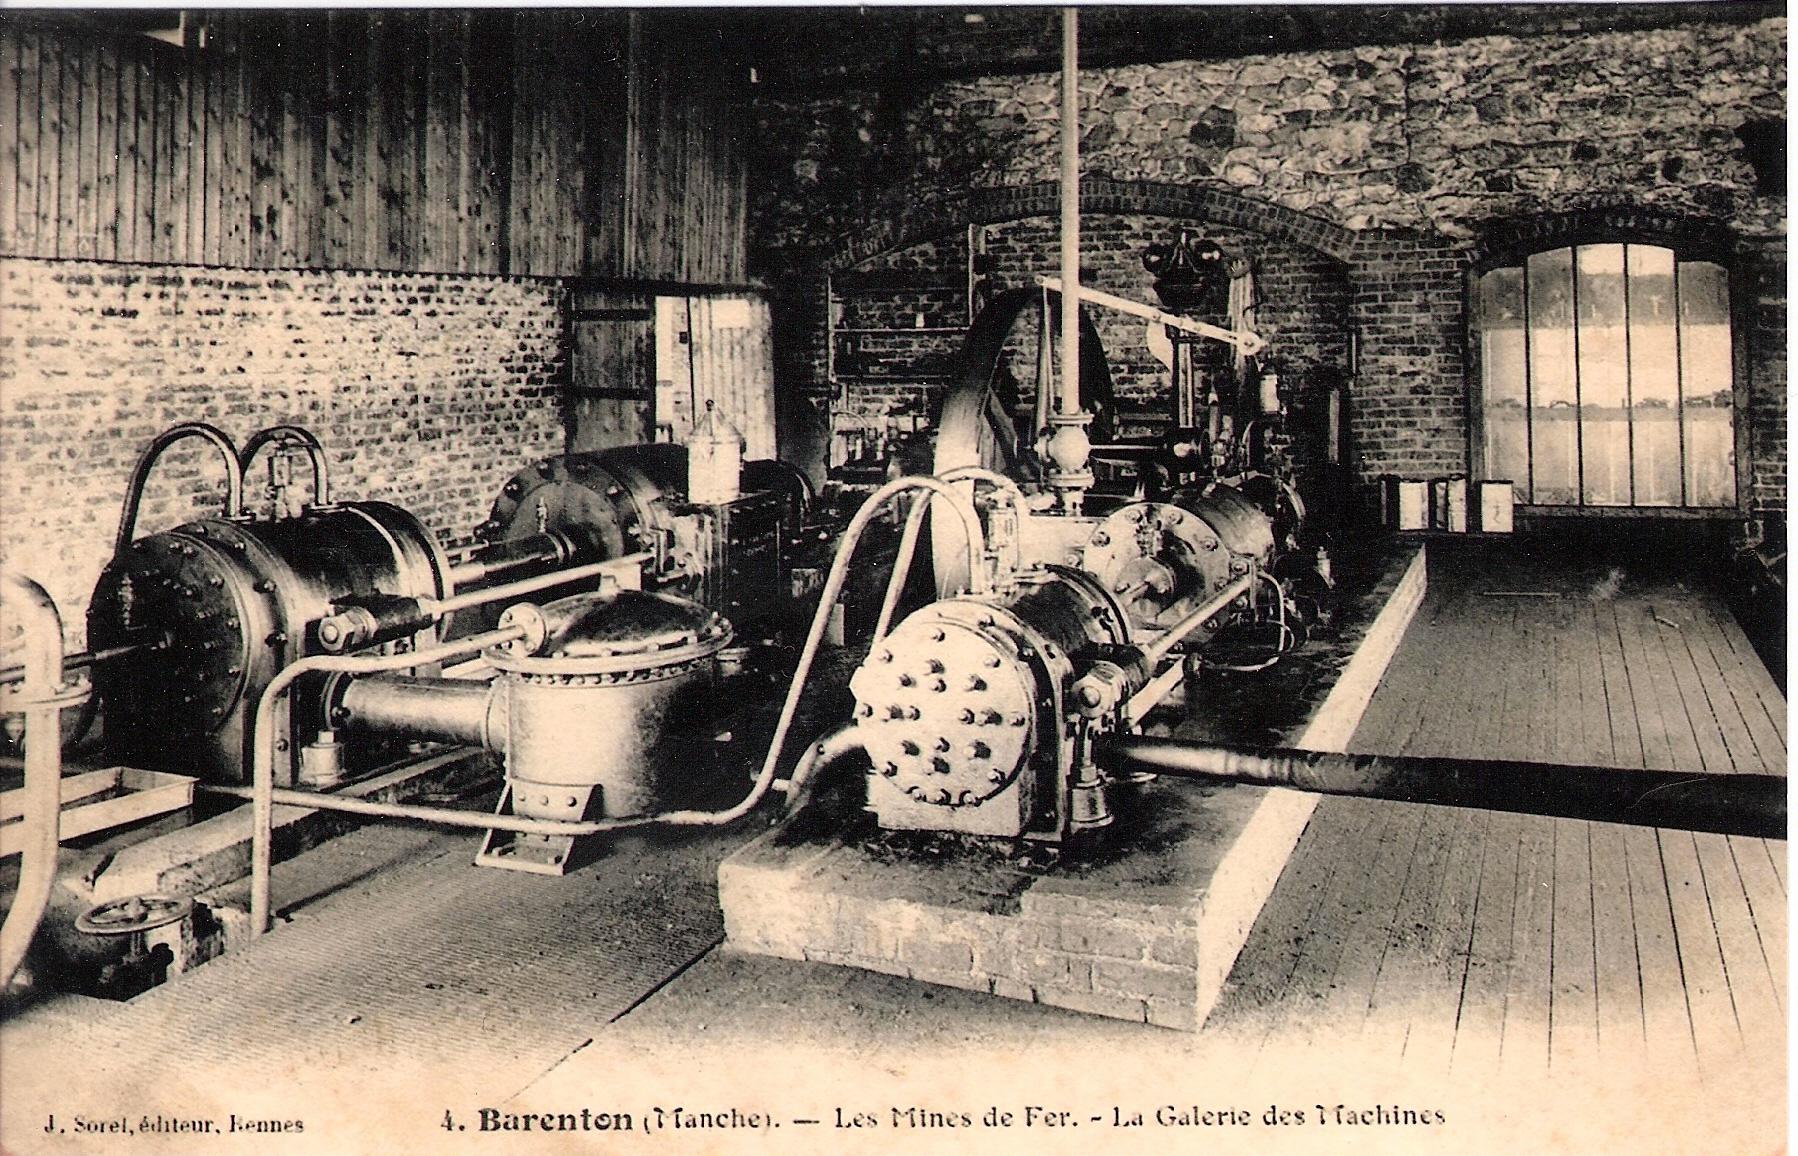 003 les mines - la galerie des machines